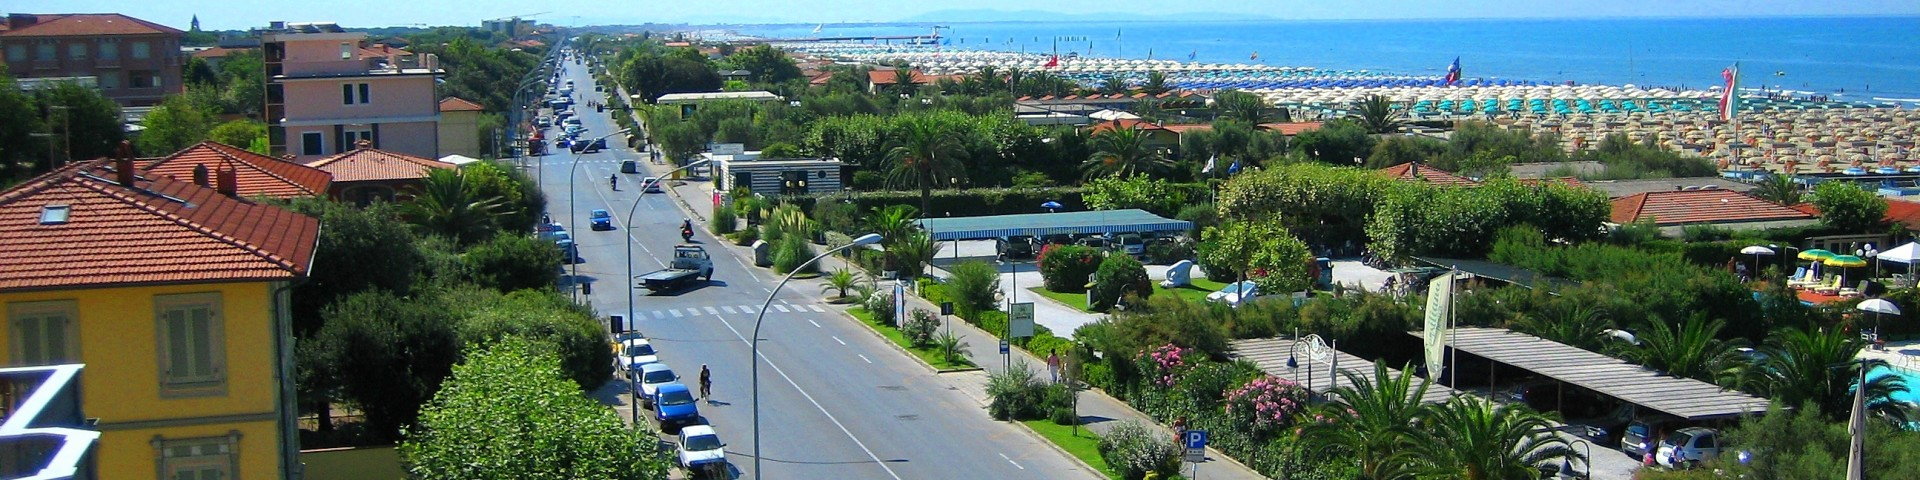 Marina di Pietrasanta